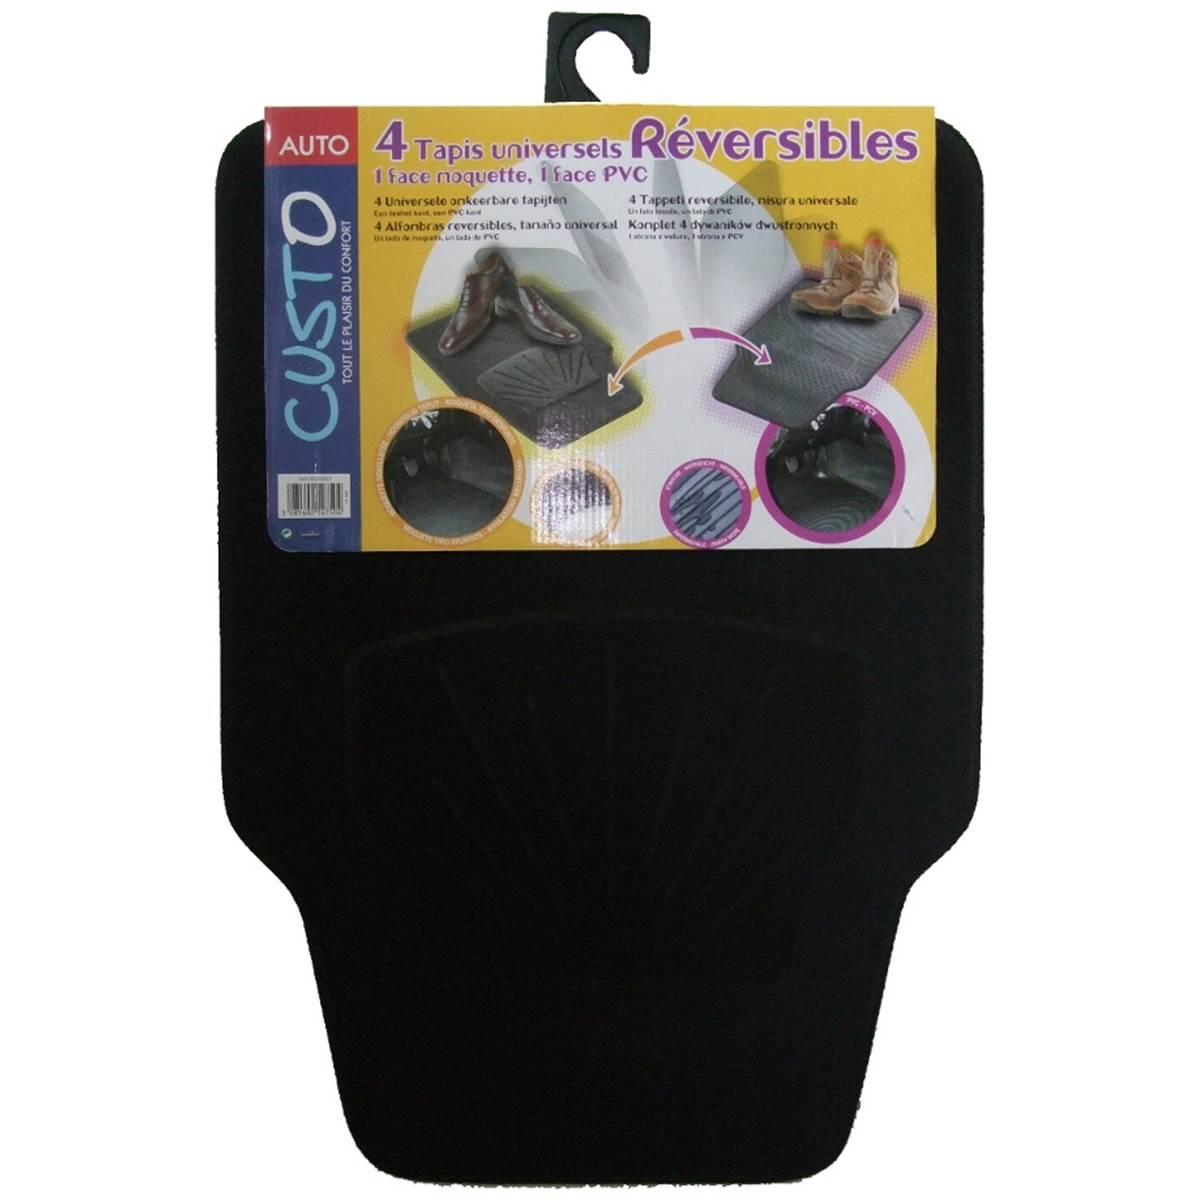 4 tapis réversibles PVC/Moquette universels Custo Auto